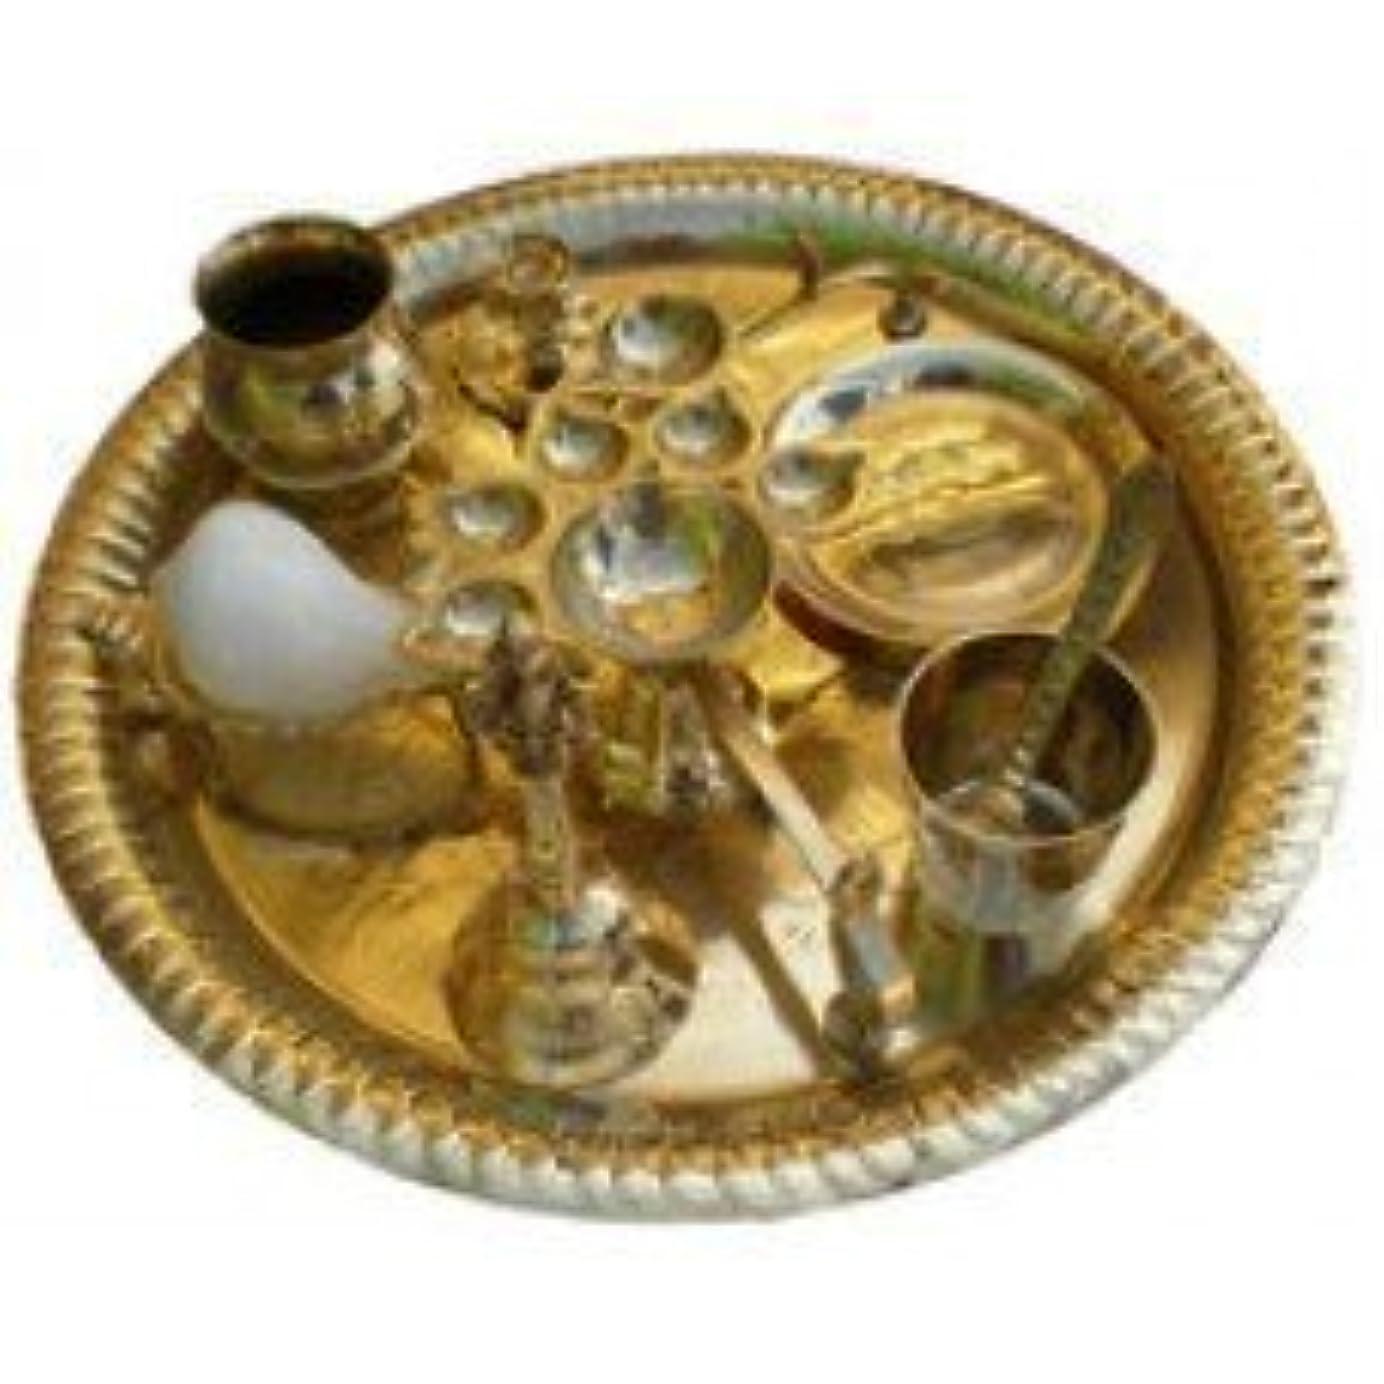 ポーク困惑したあいにくAarti Set (tray with Bell, Incense Holder, Flower Tray, Conch, Ghee Lamps)